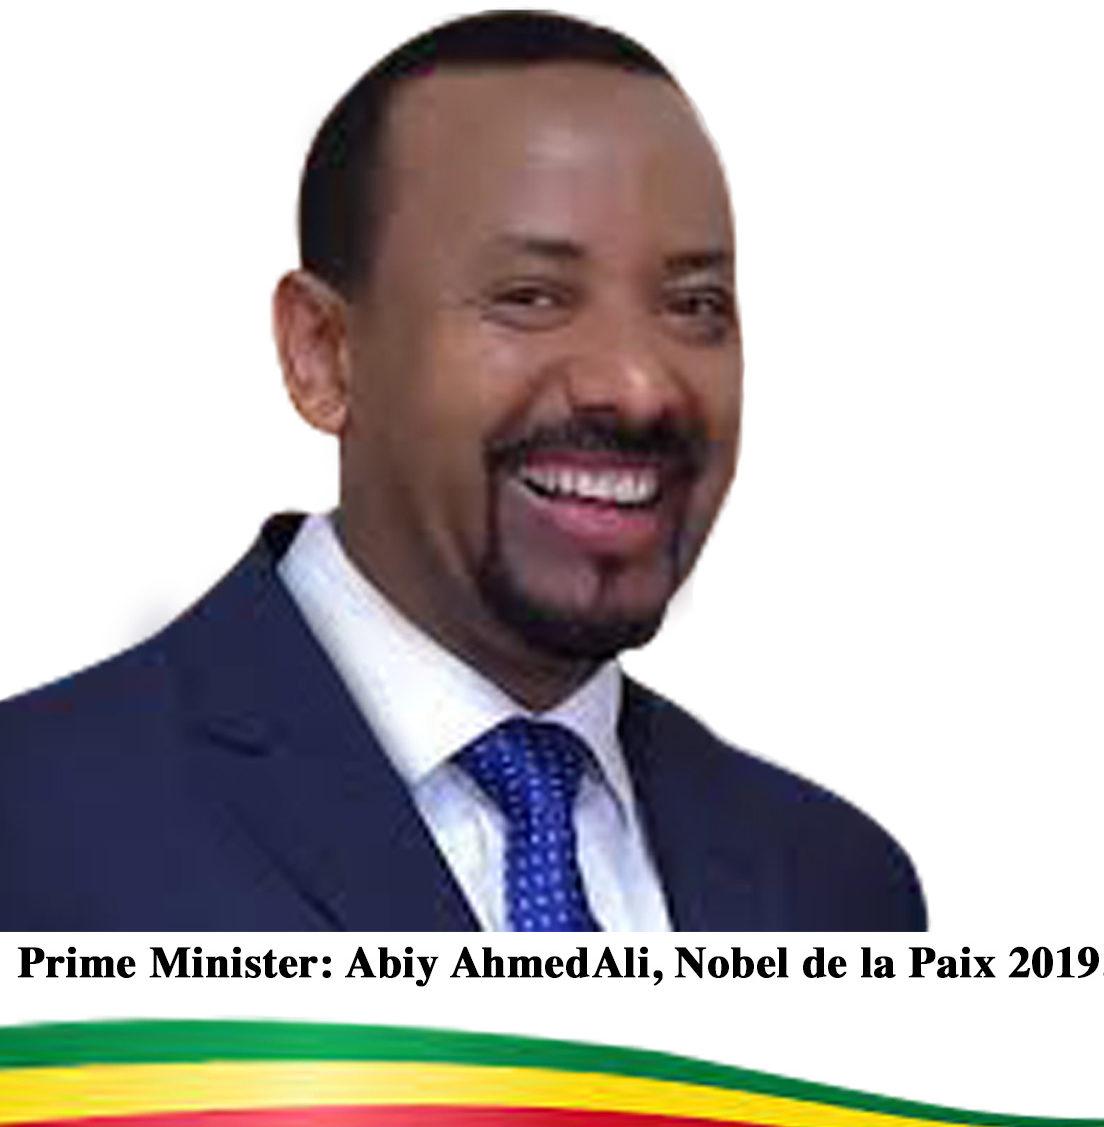 Abiy Ahmed Ali est Nobel de la Paix 2019